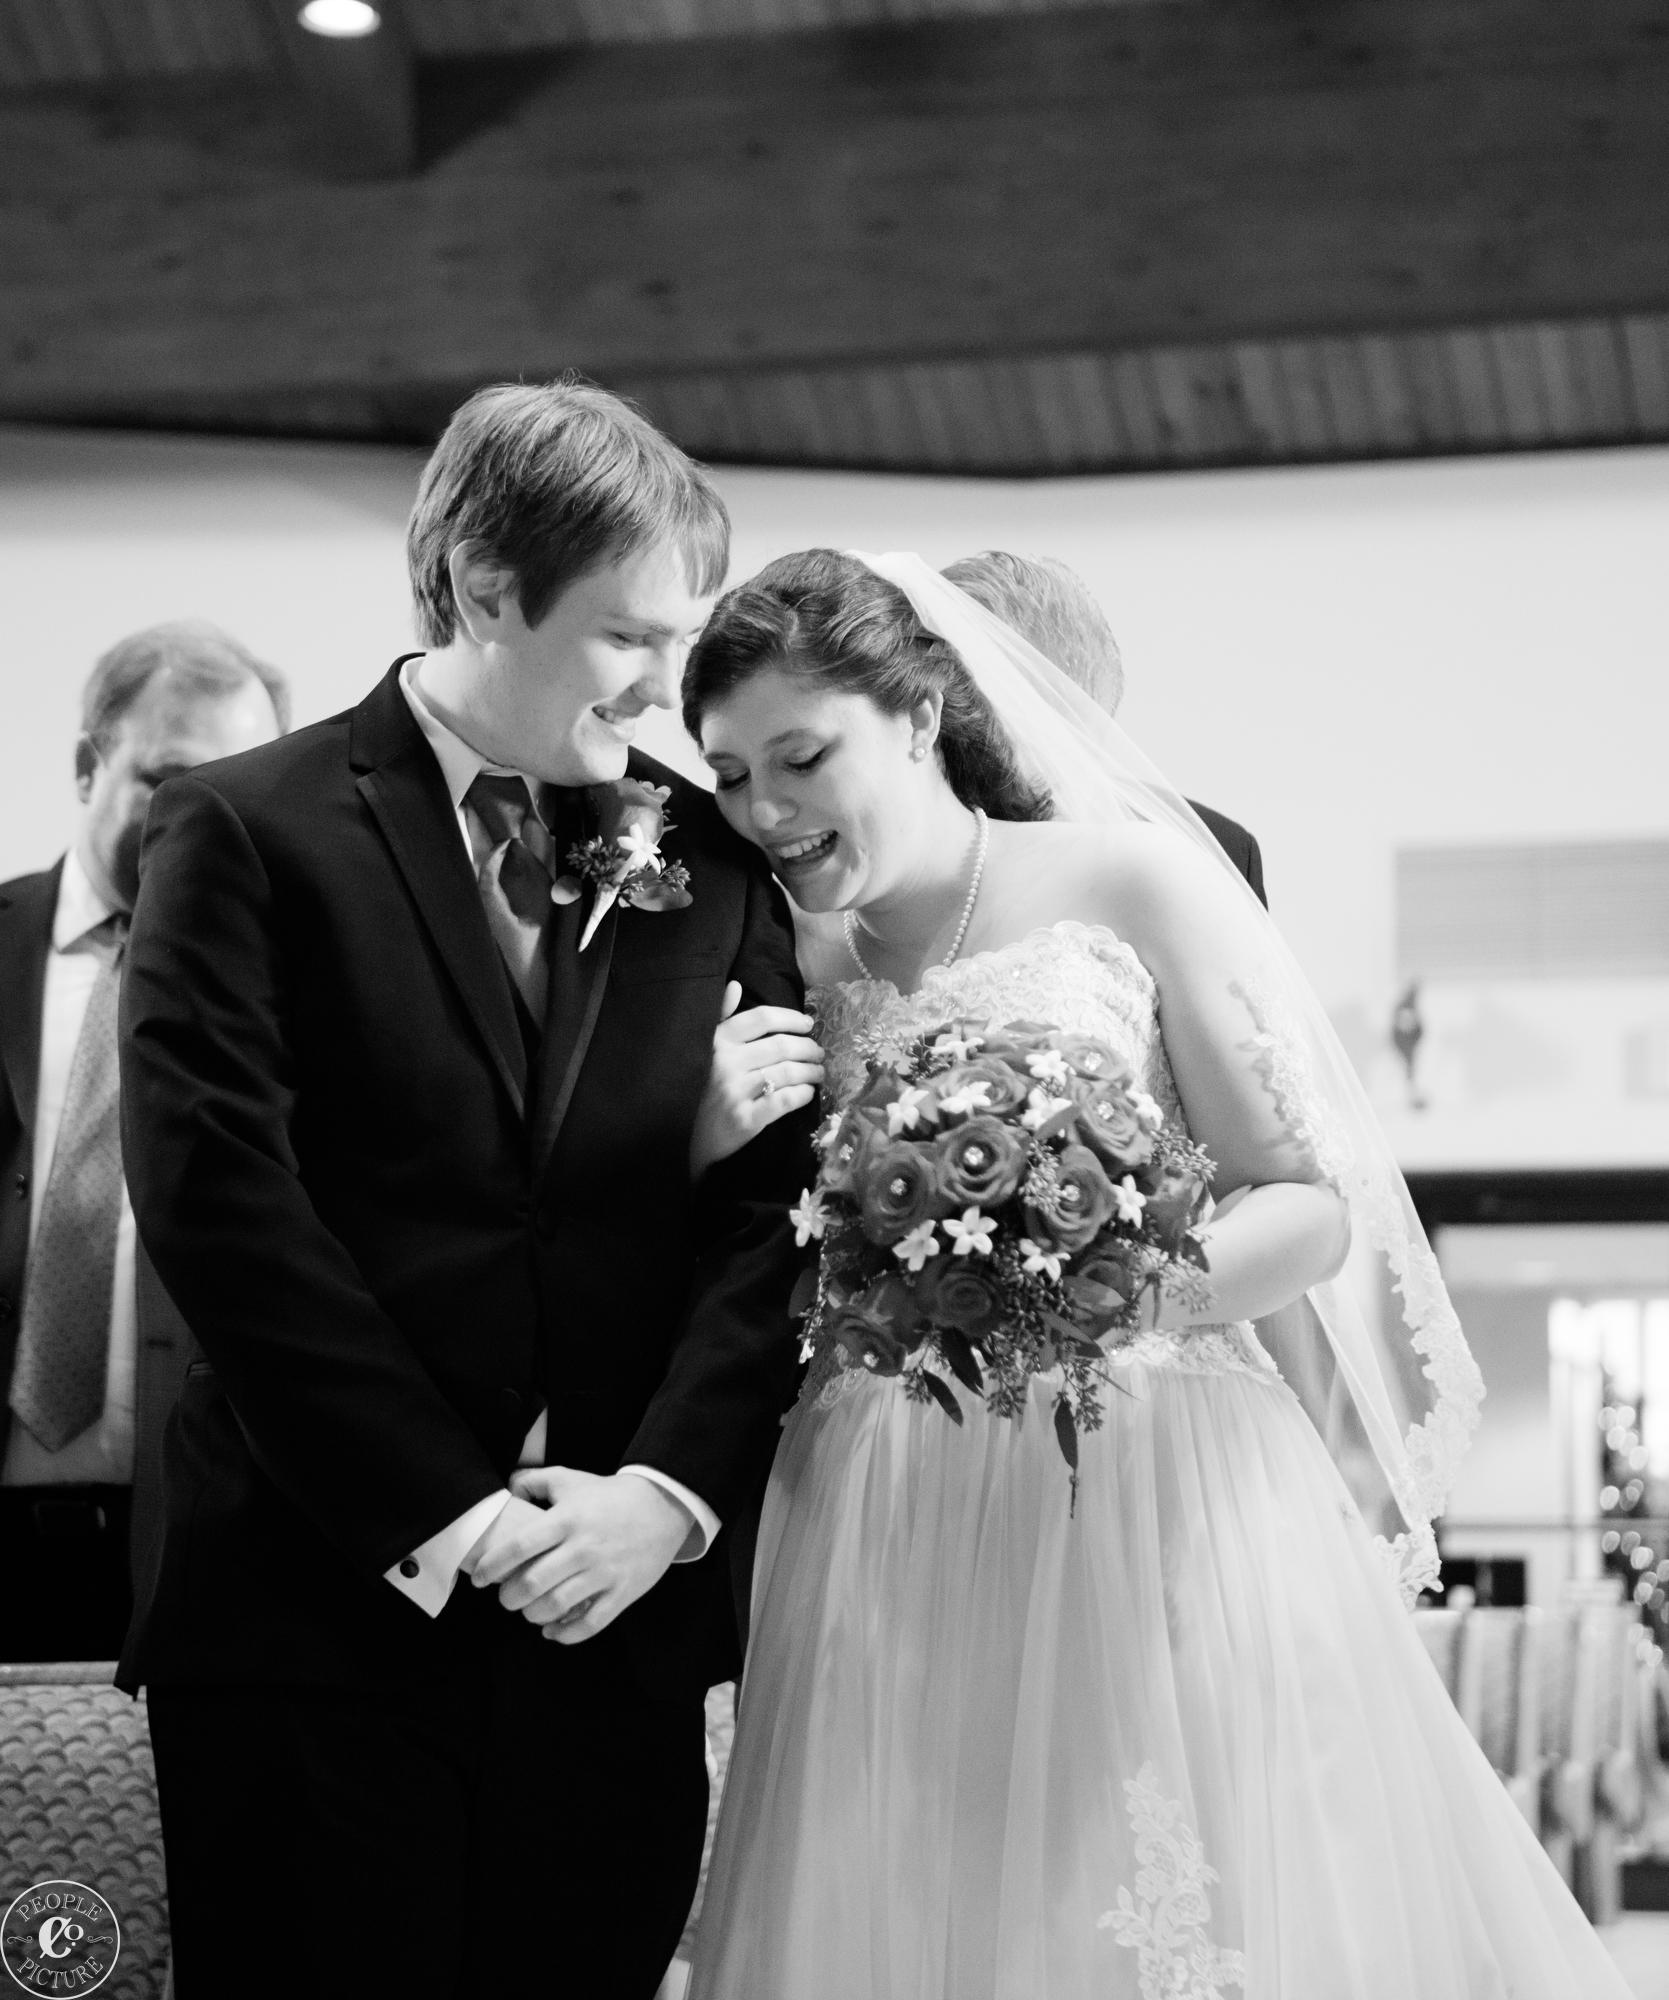 wedding-2797-2.jpg